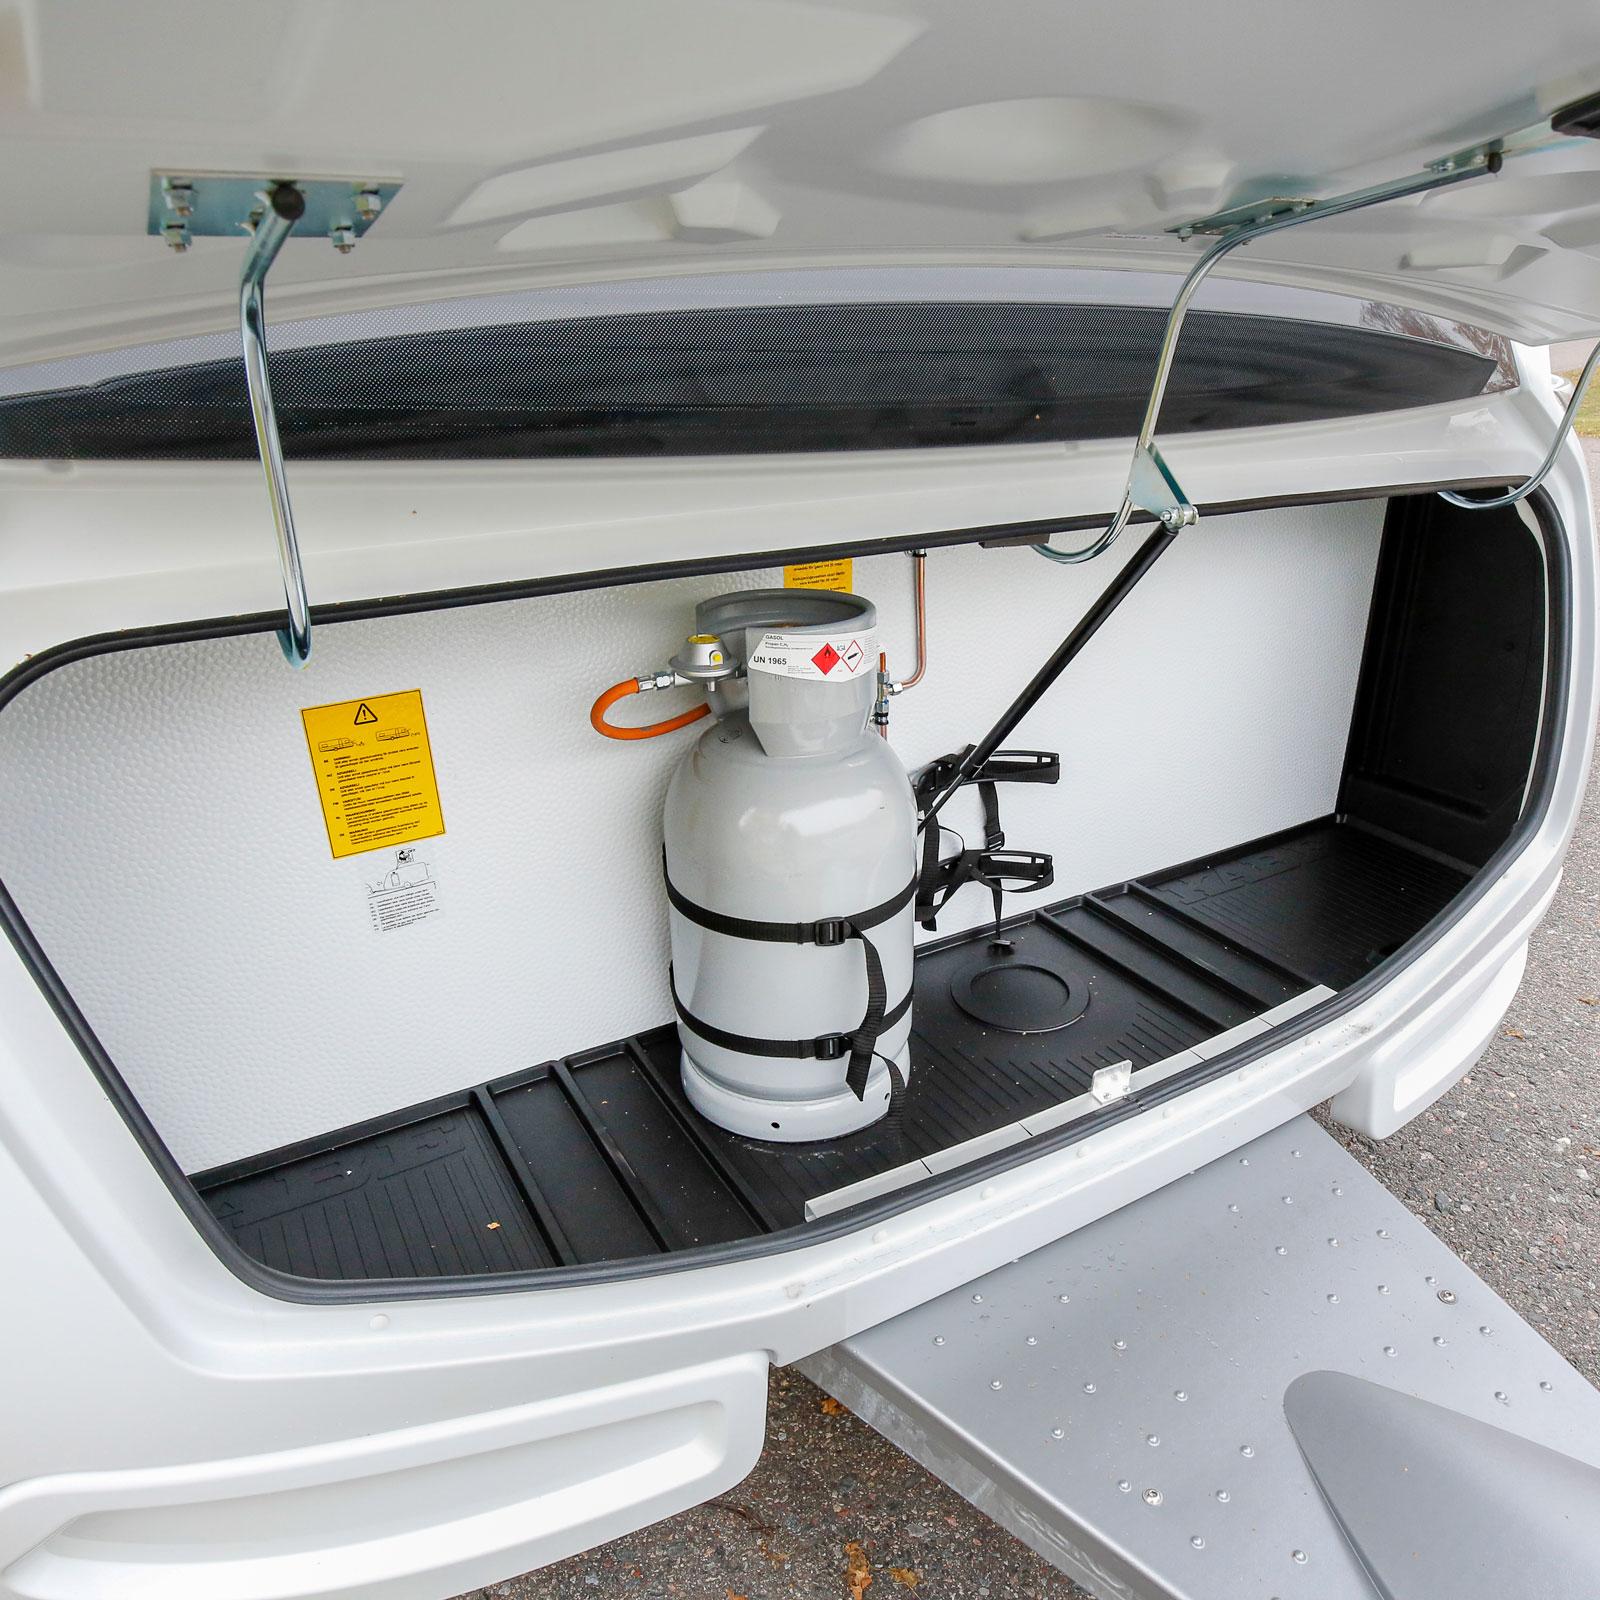 Gasolkofferten har belysning och formsydd skyddsmatta som kan tas ur för enklare rengöring.